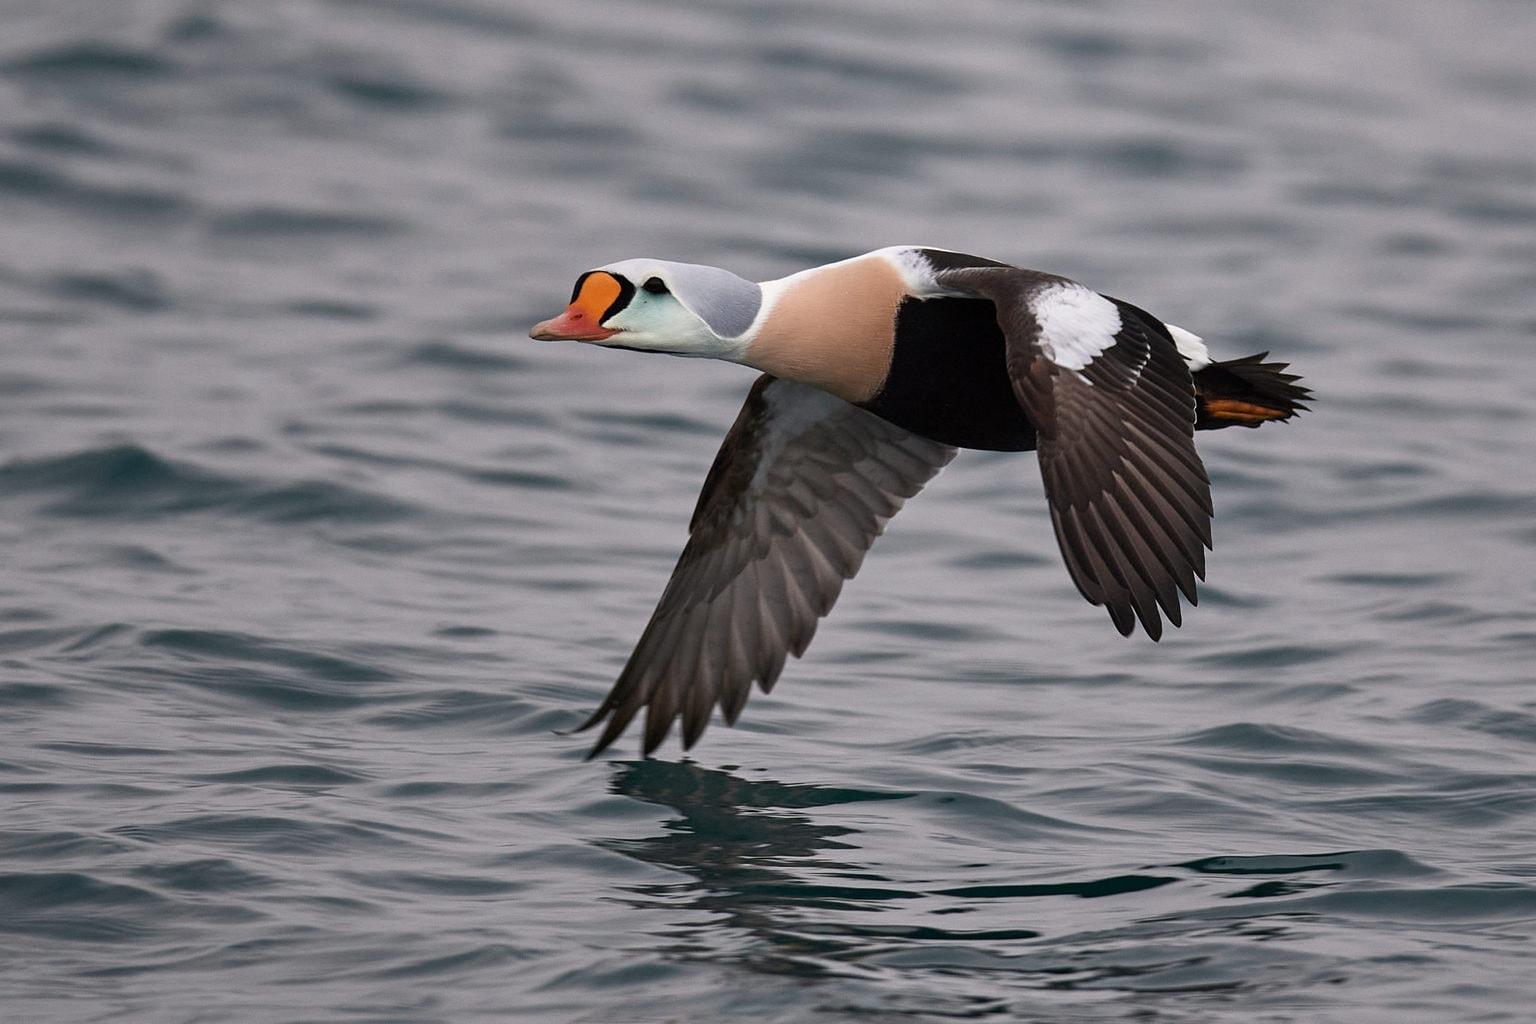 Een eider vogel ganz aan de Duitse Noordzeekust vliegt vlak boven het water